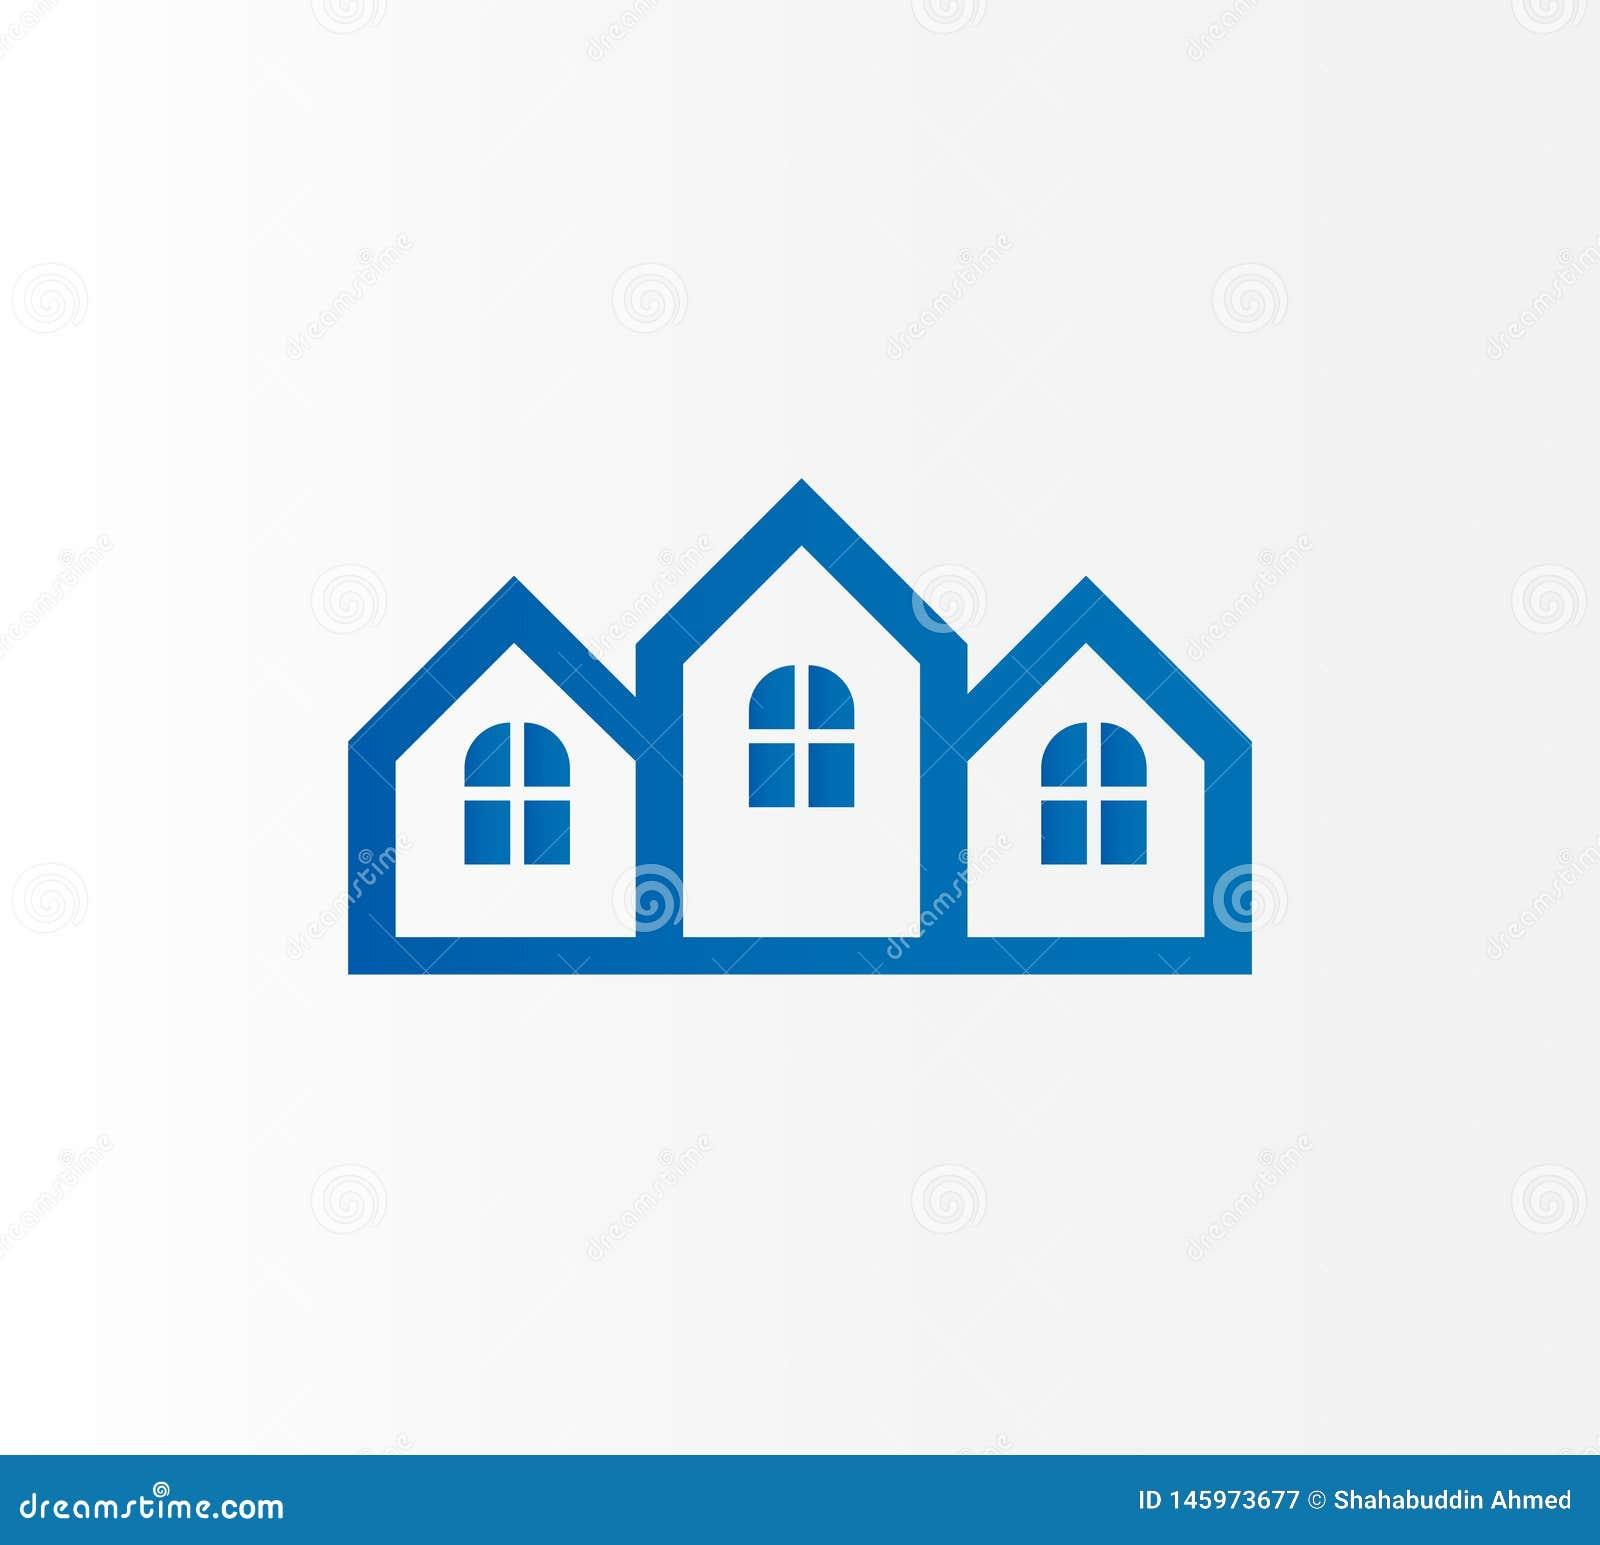 Real Estate byggnad, mosk?logodesign Vektorkonstruktionslogo f?r ditt f?retag